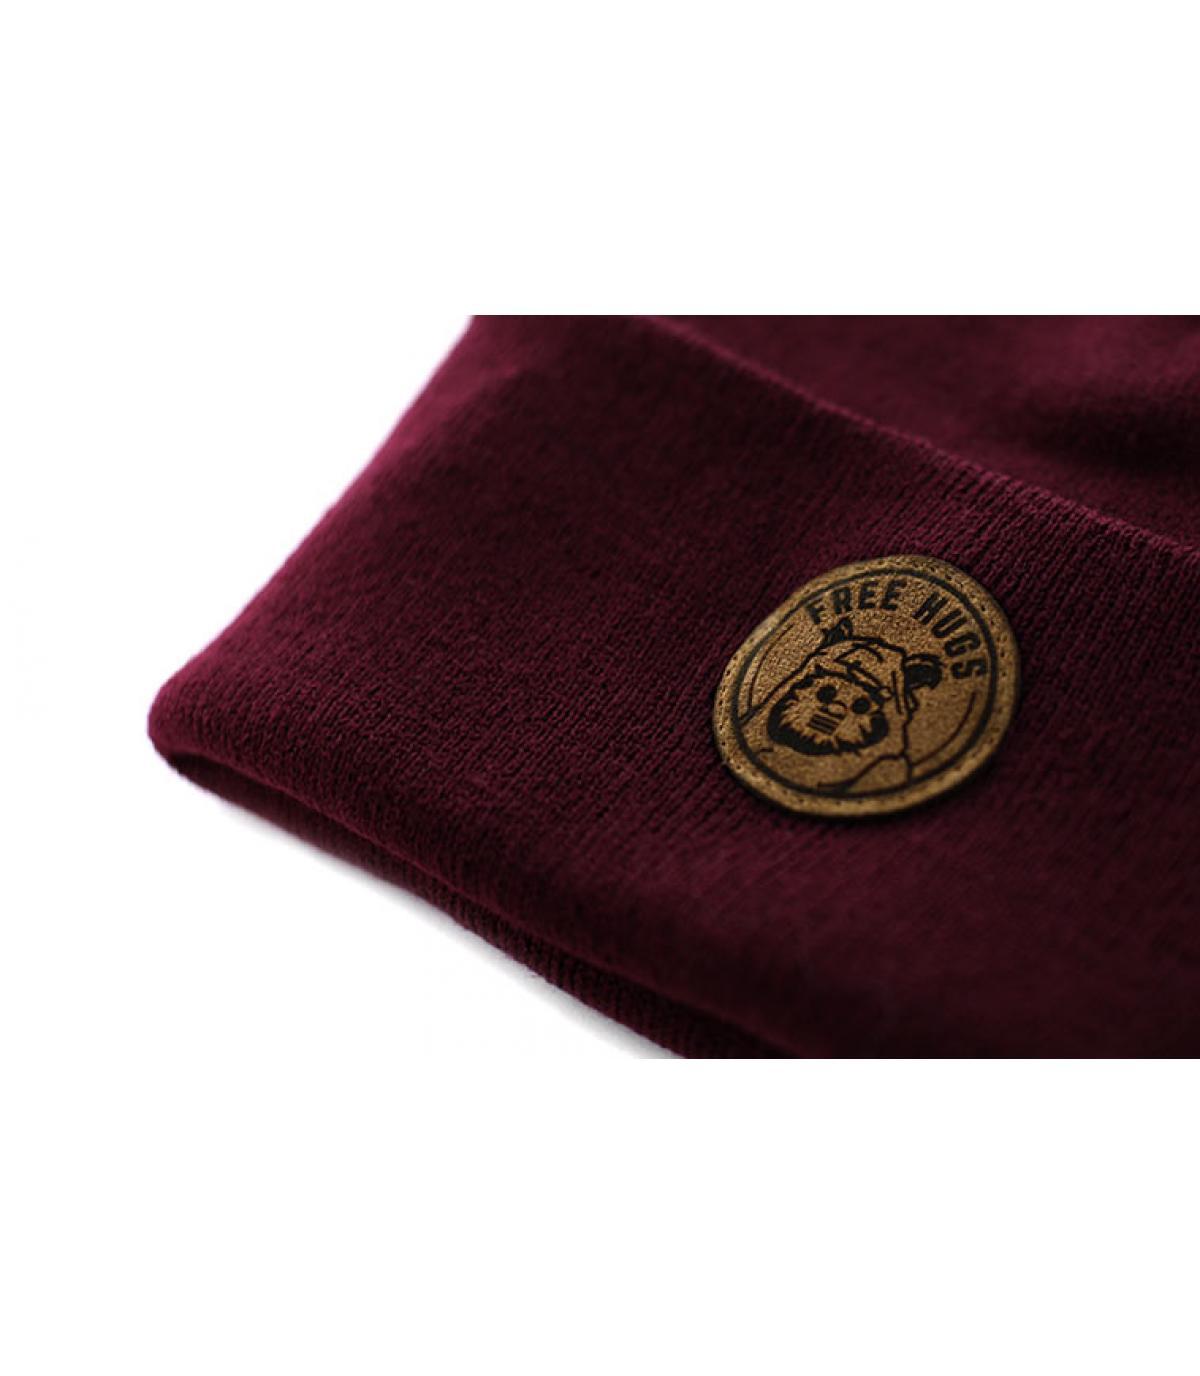 Détails Bonnet Free Hugs burgundy - image 3